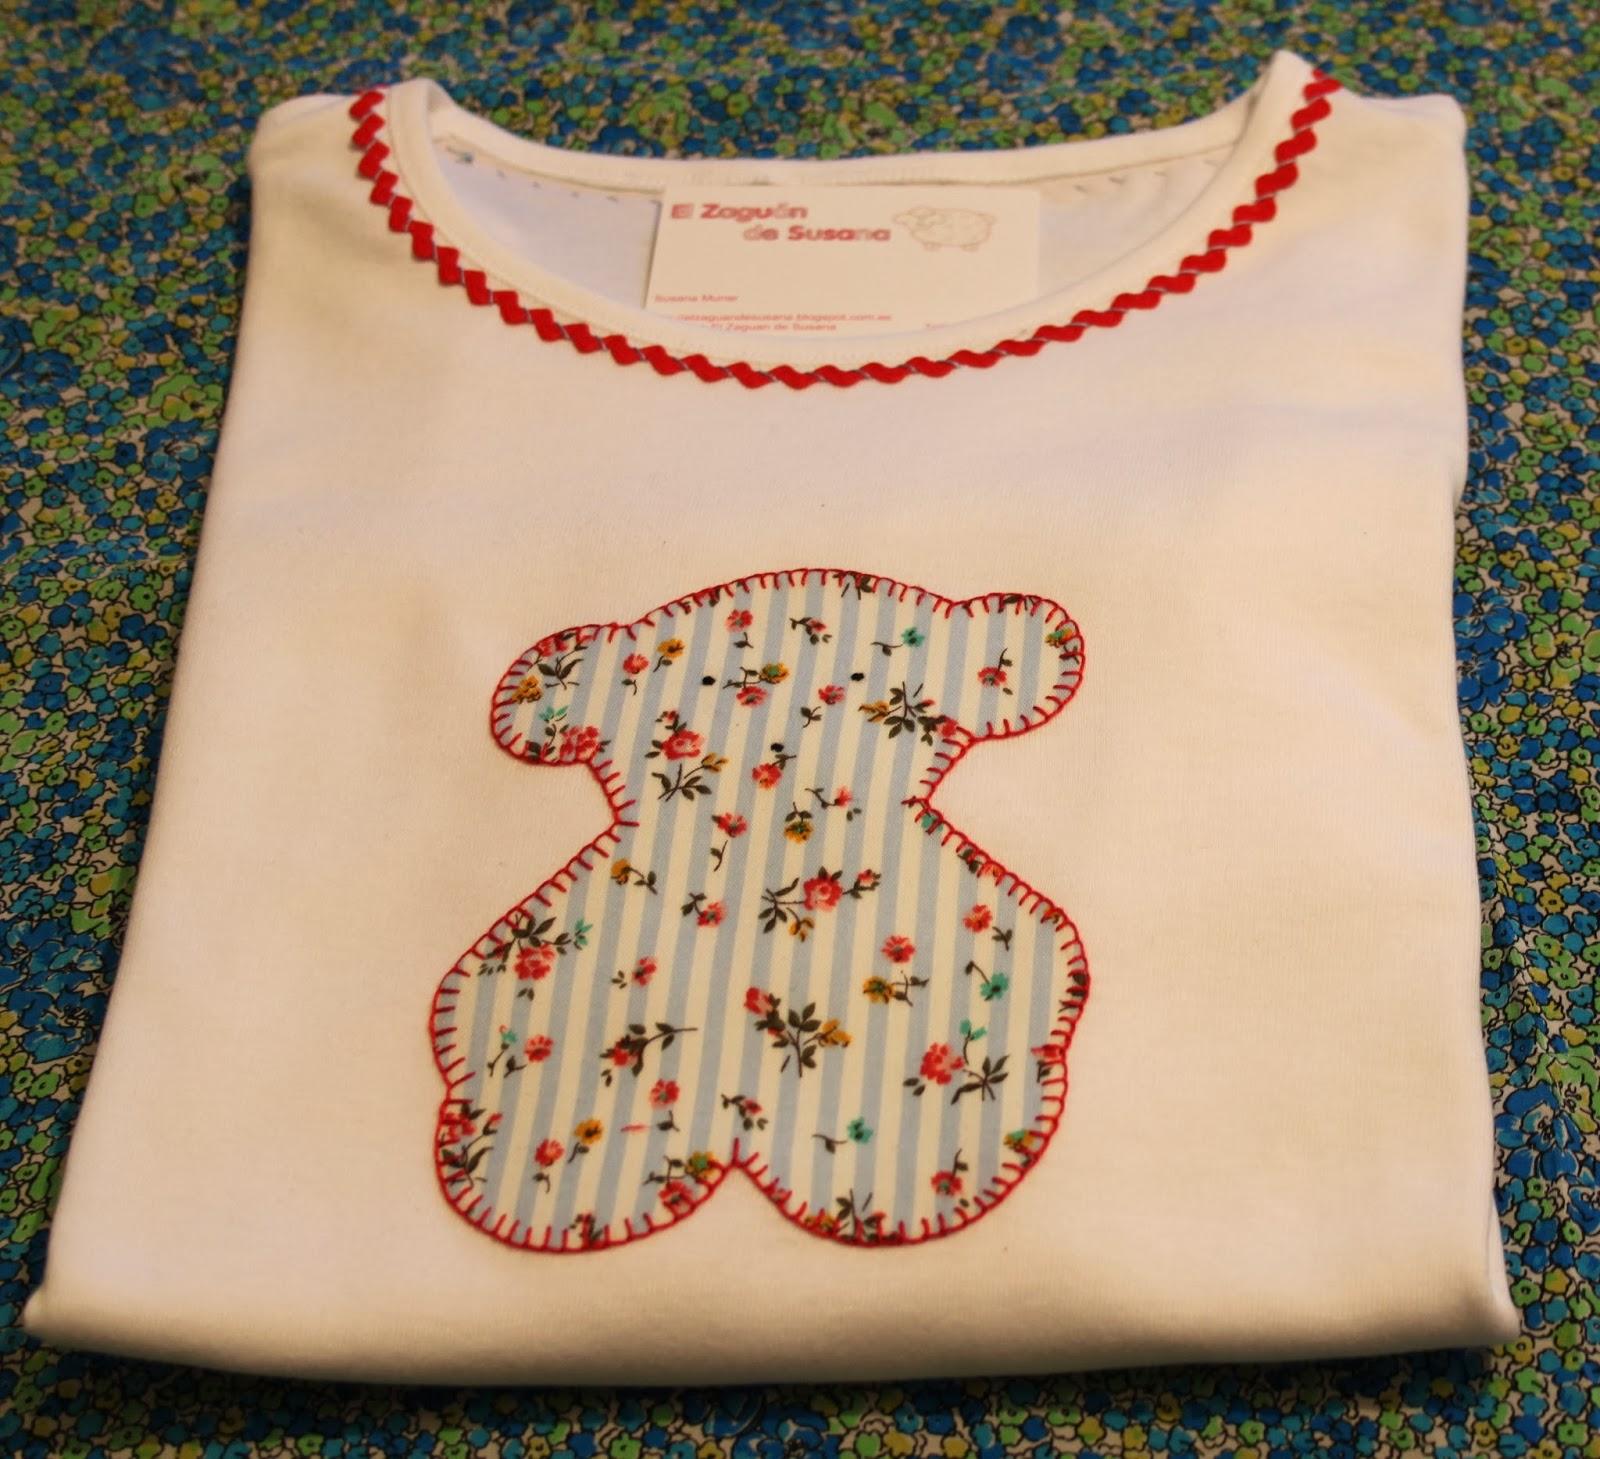 El zaguan de susana nuevas camisetas con aplicaciones for Fotos de patchwork